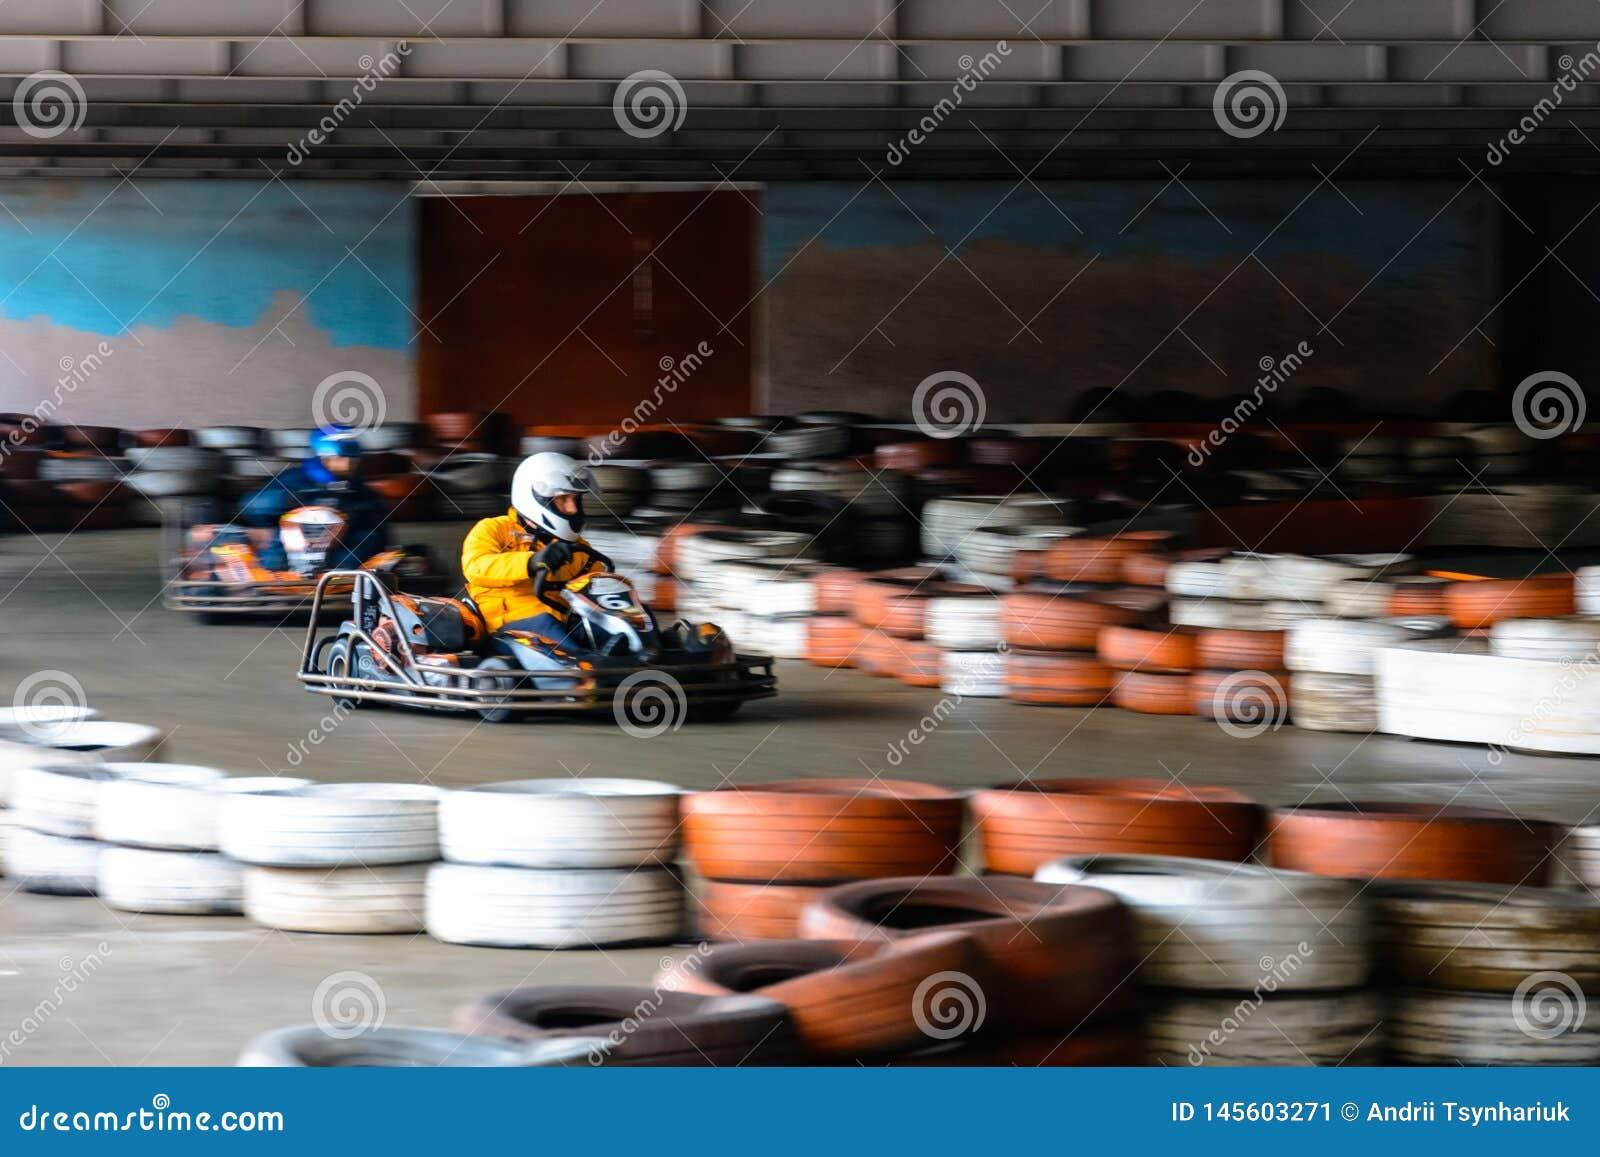 Competi??o karting din?mica na velocidade com movimento obscuro em uma pista de corridas equipada